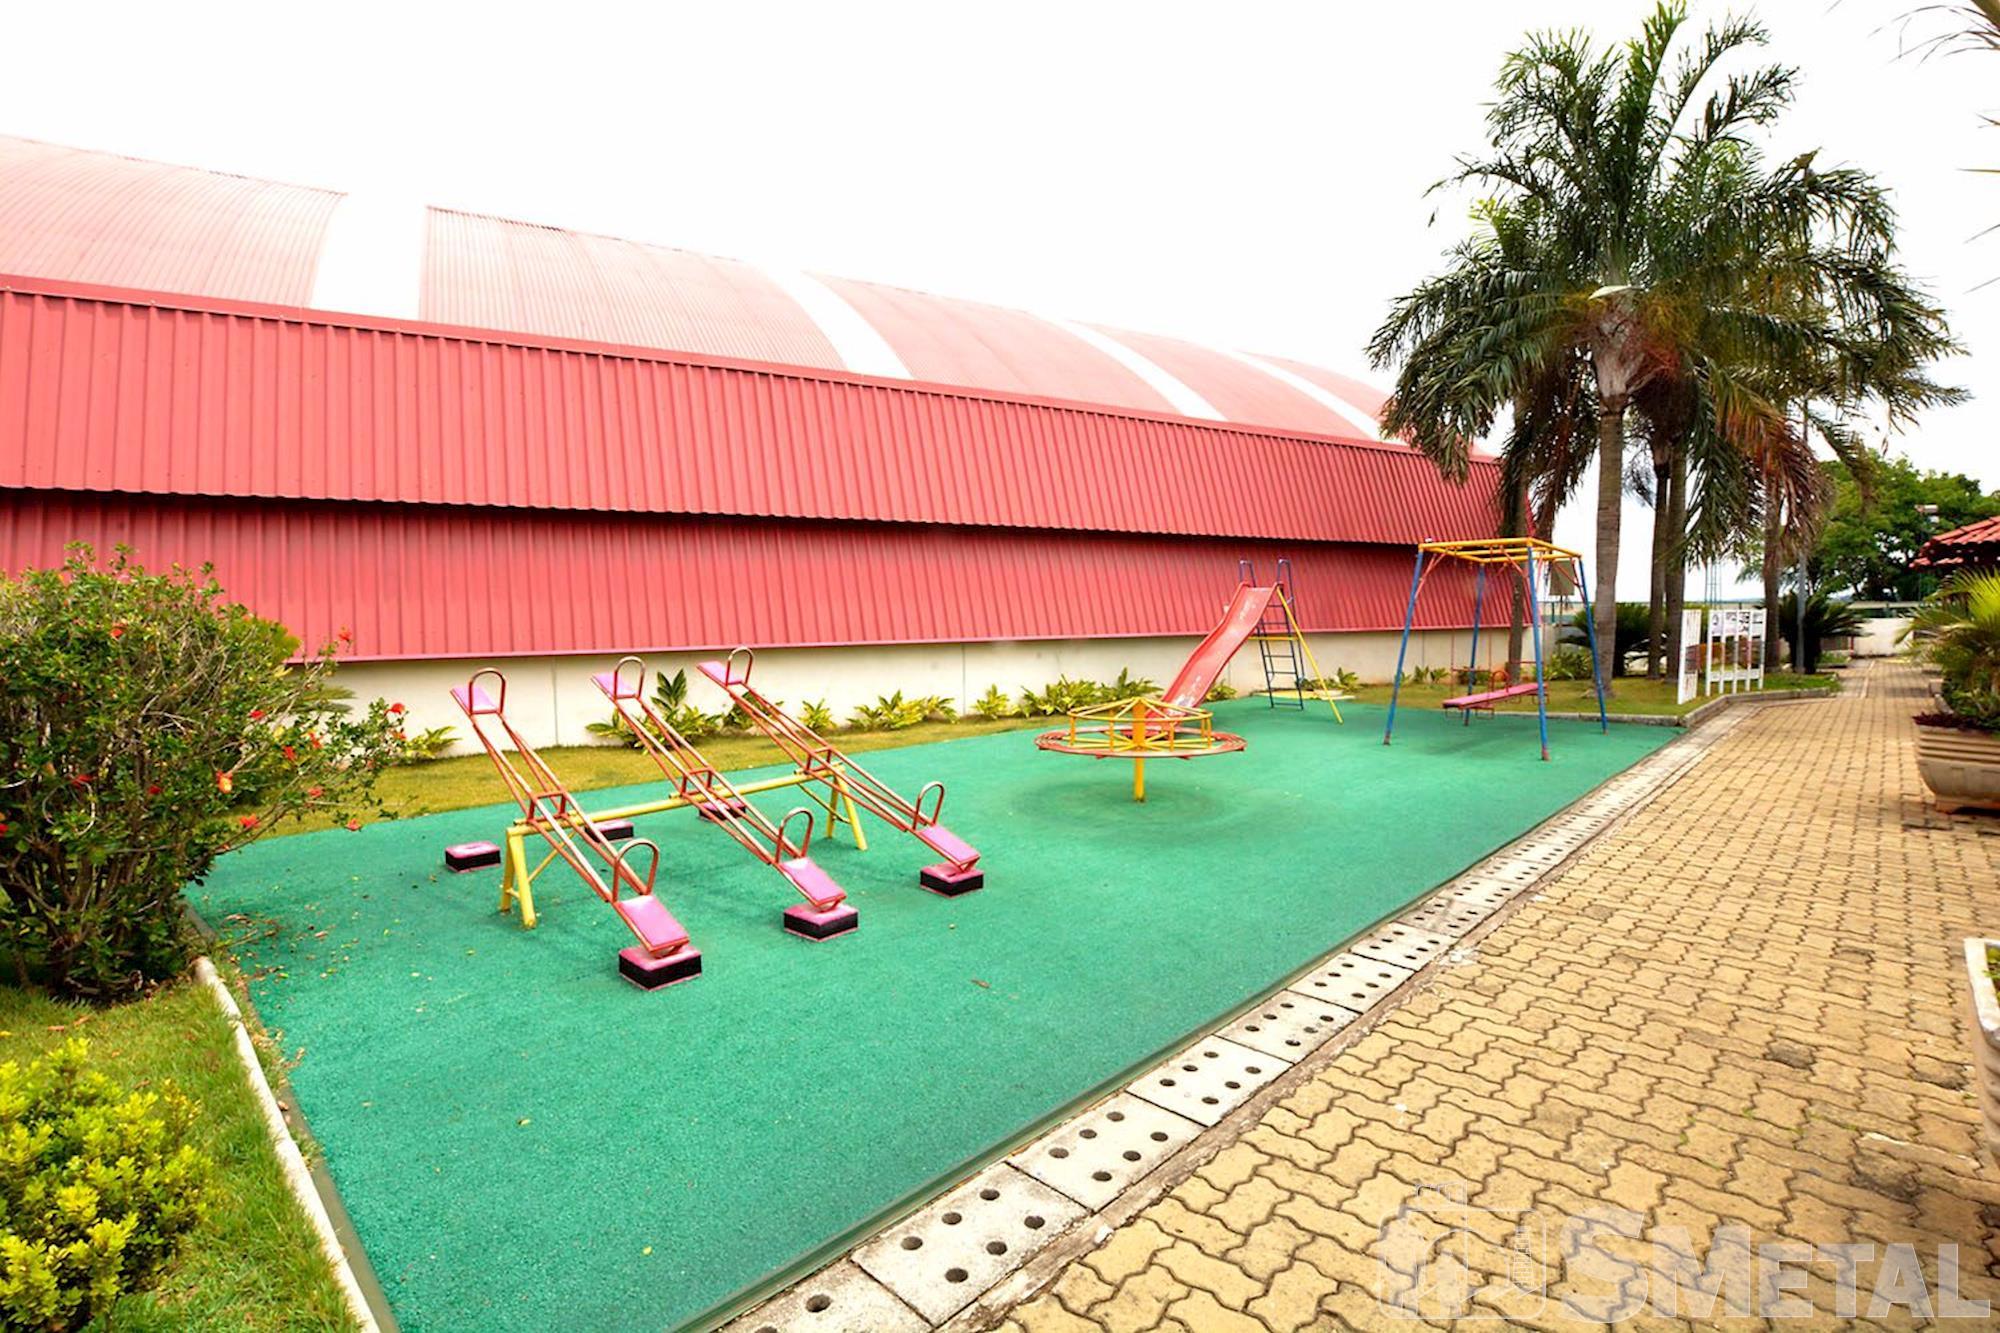 O parque para as crianças possui escorregador e balança., Foguinho/Imprensa SMetal